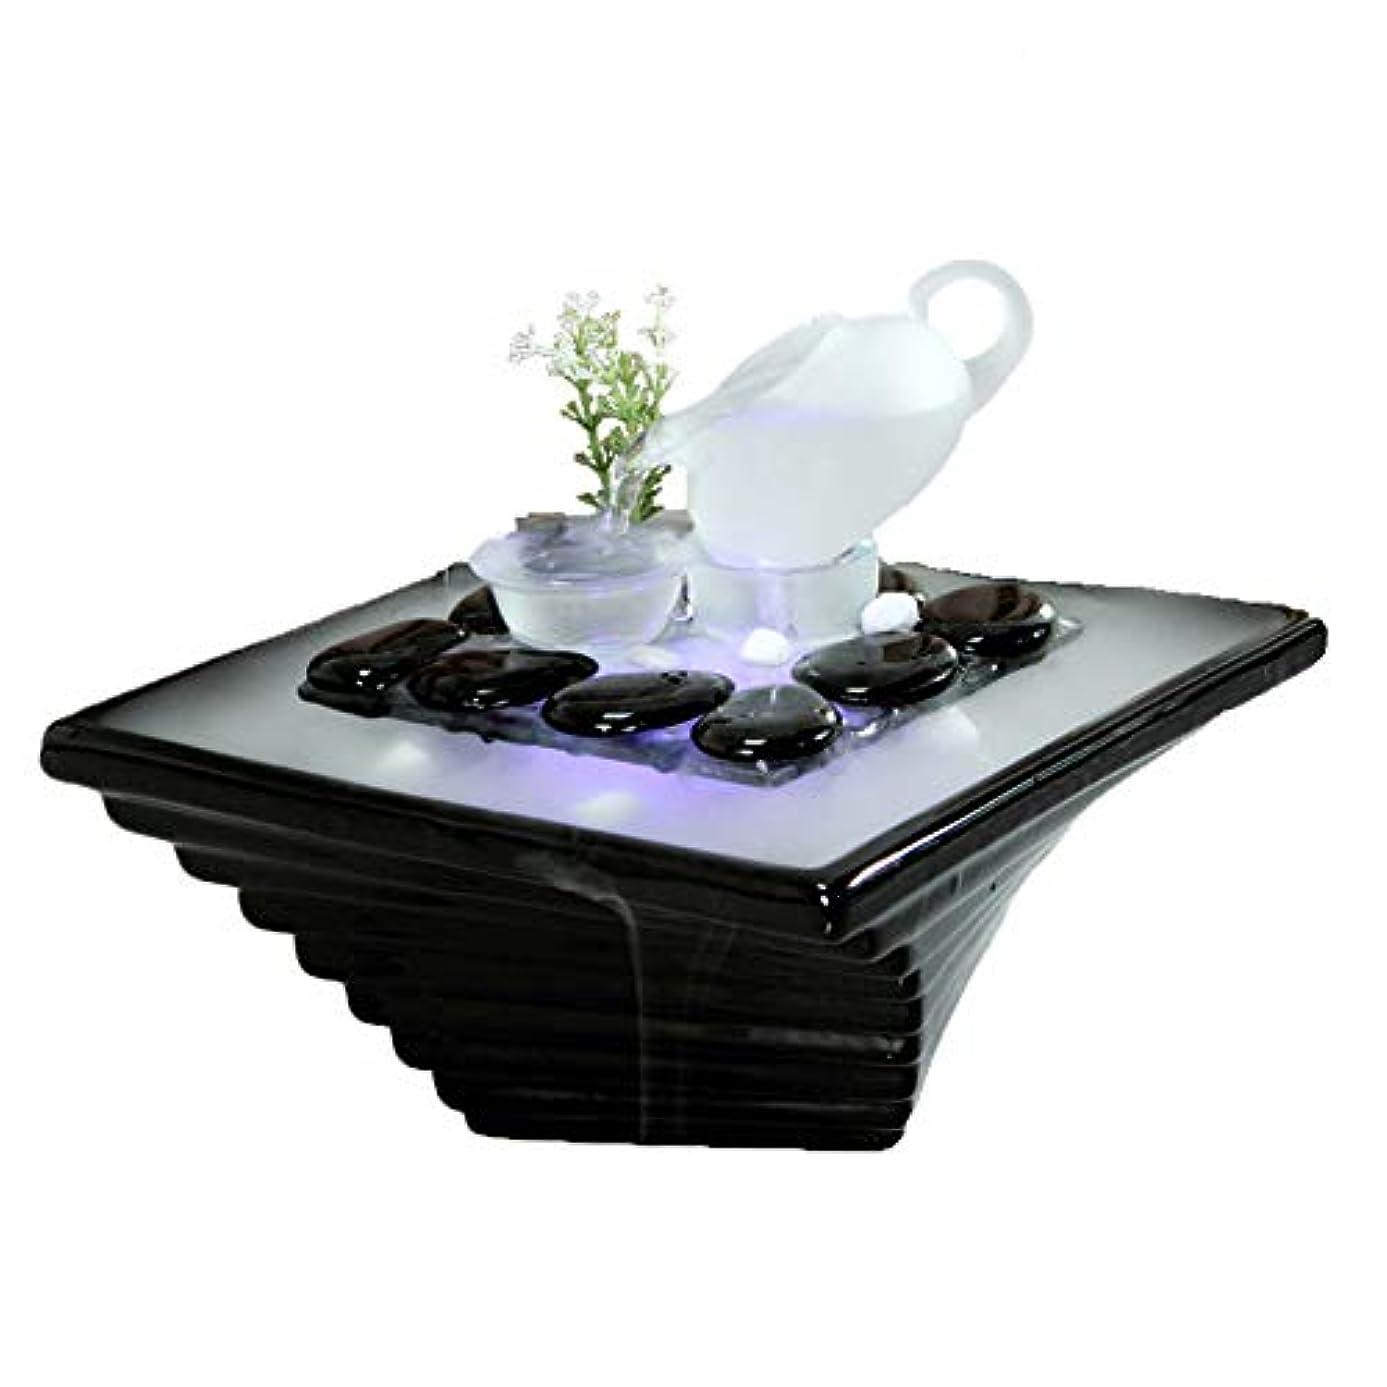 不健康すごい読むエッセンシャルオイルディフューザー空気加湿器セラミッククラフトクリエイティブホームデスクトップ装飾アロマセラピー絶妙なギフト,Black